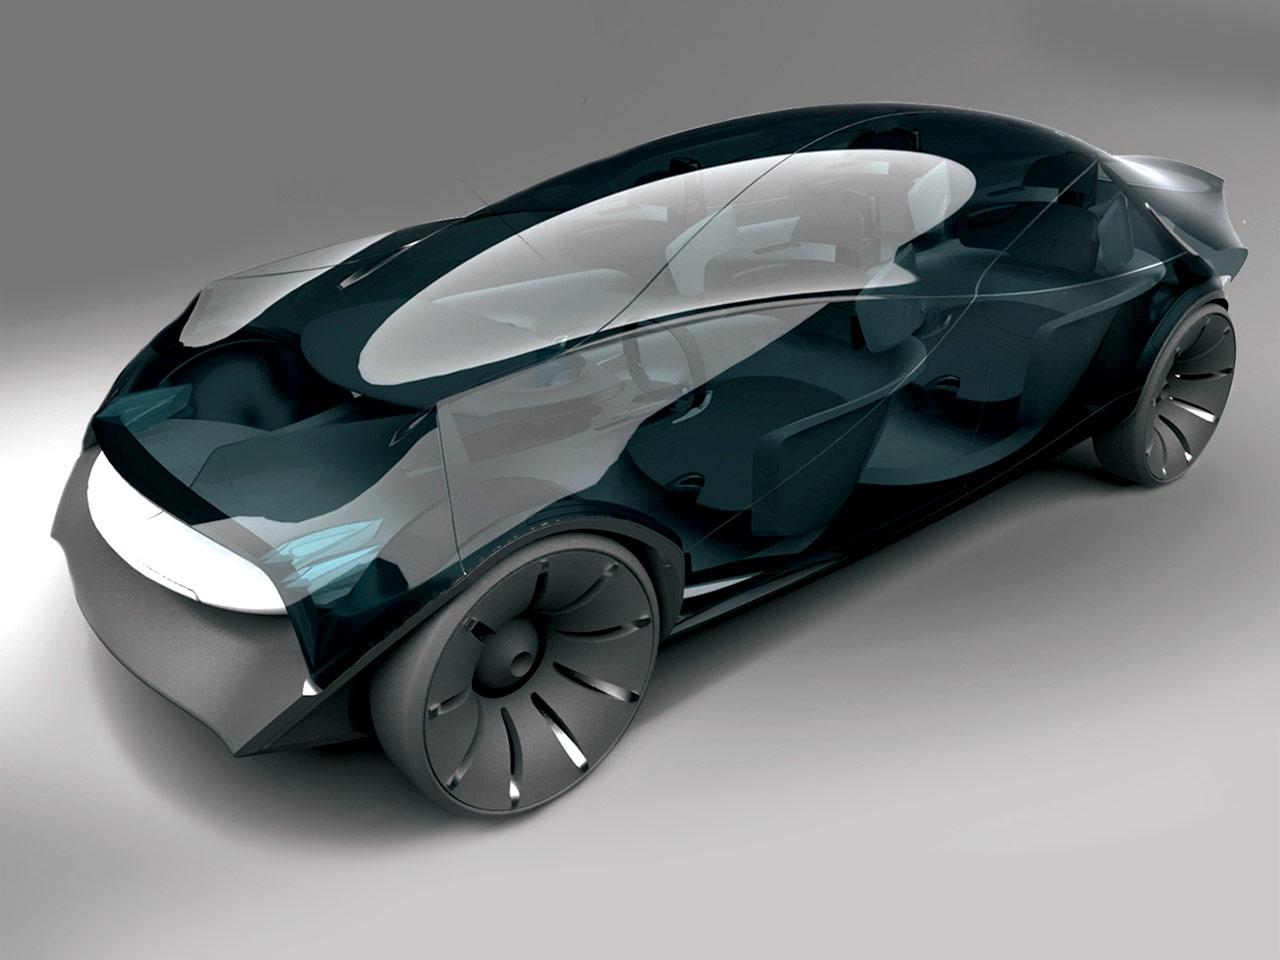 Free Form Concept Car Body Design